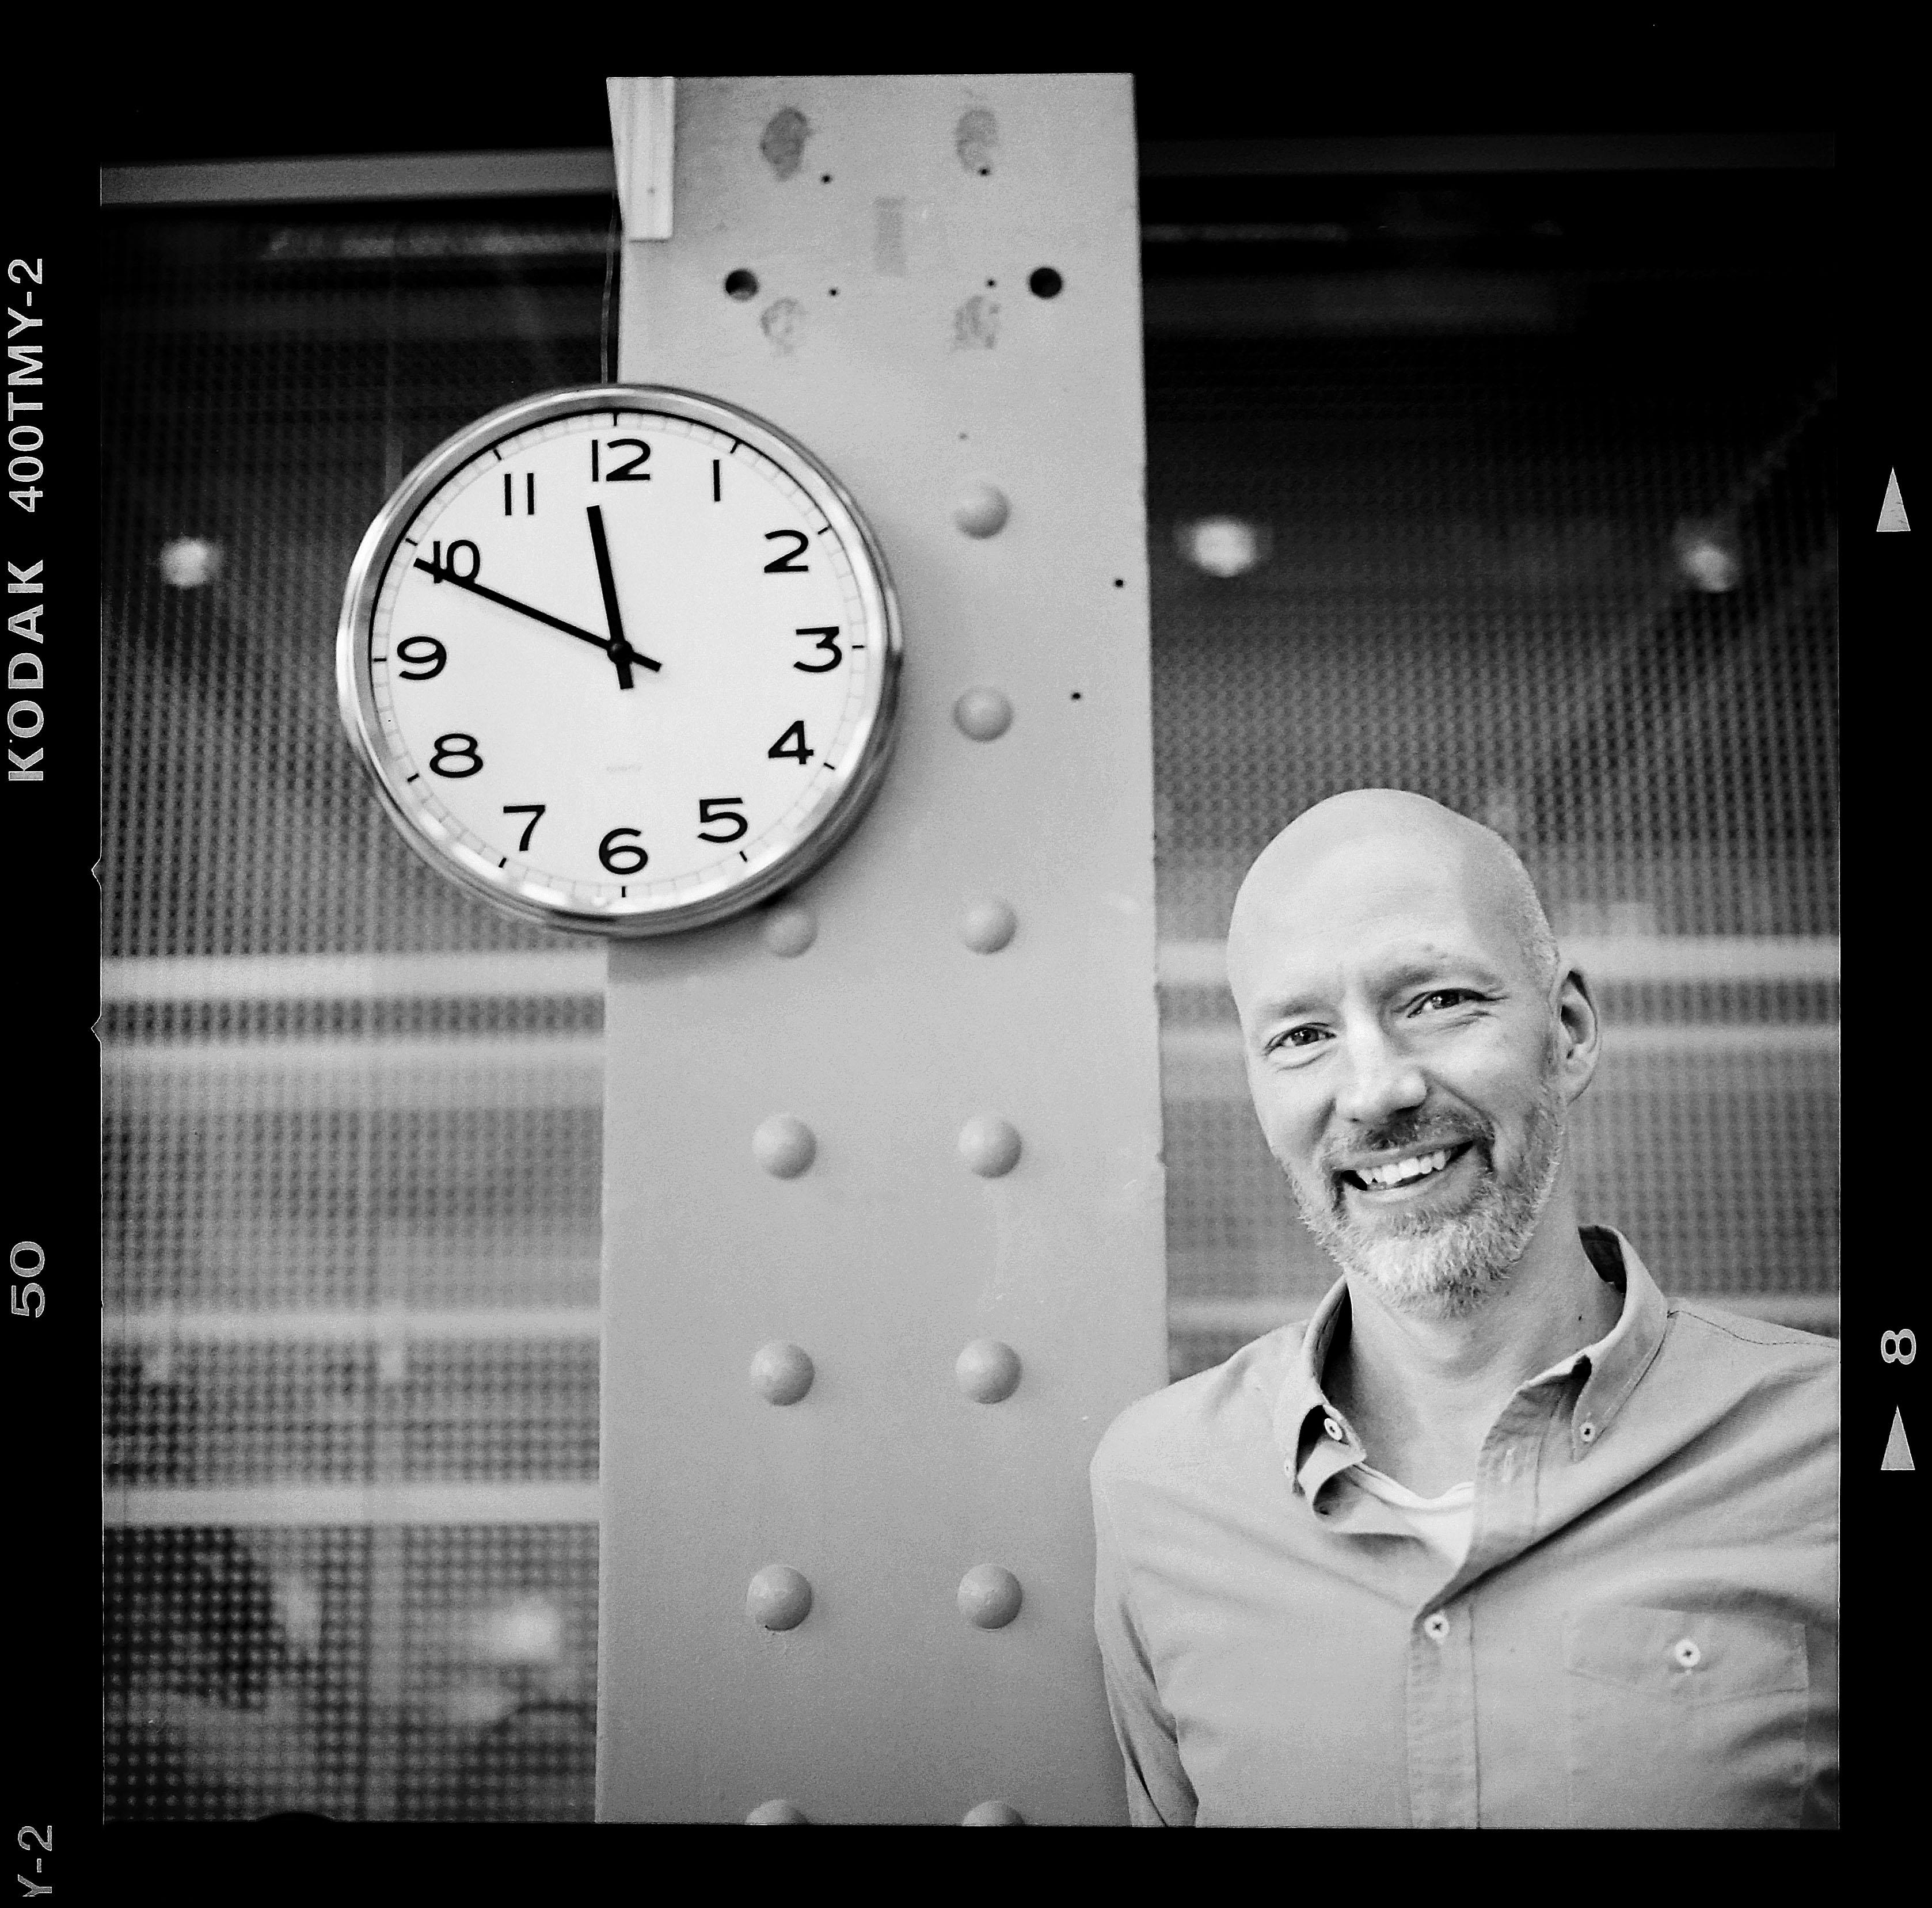 Eskilstunabon Anders Wikström, en av grundarna till det nystartade bolaget Prindit, har utsetts till Årets innovatör 2015 i Västerås. Foto: Mikael Andersson 2016-03-14. Hasselblad 500 cm, 120mm makro f/4, ISO 400 T-Max. Exponerad 1/60sek f/4.